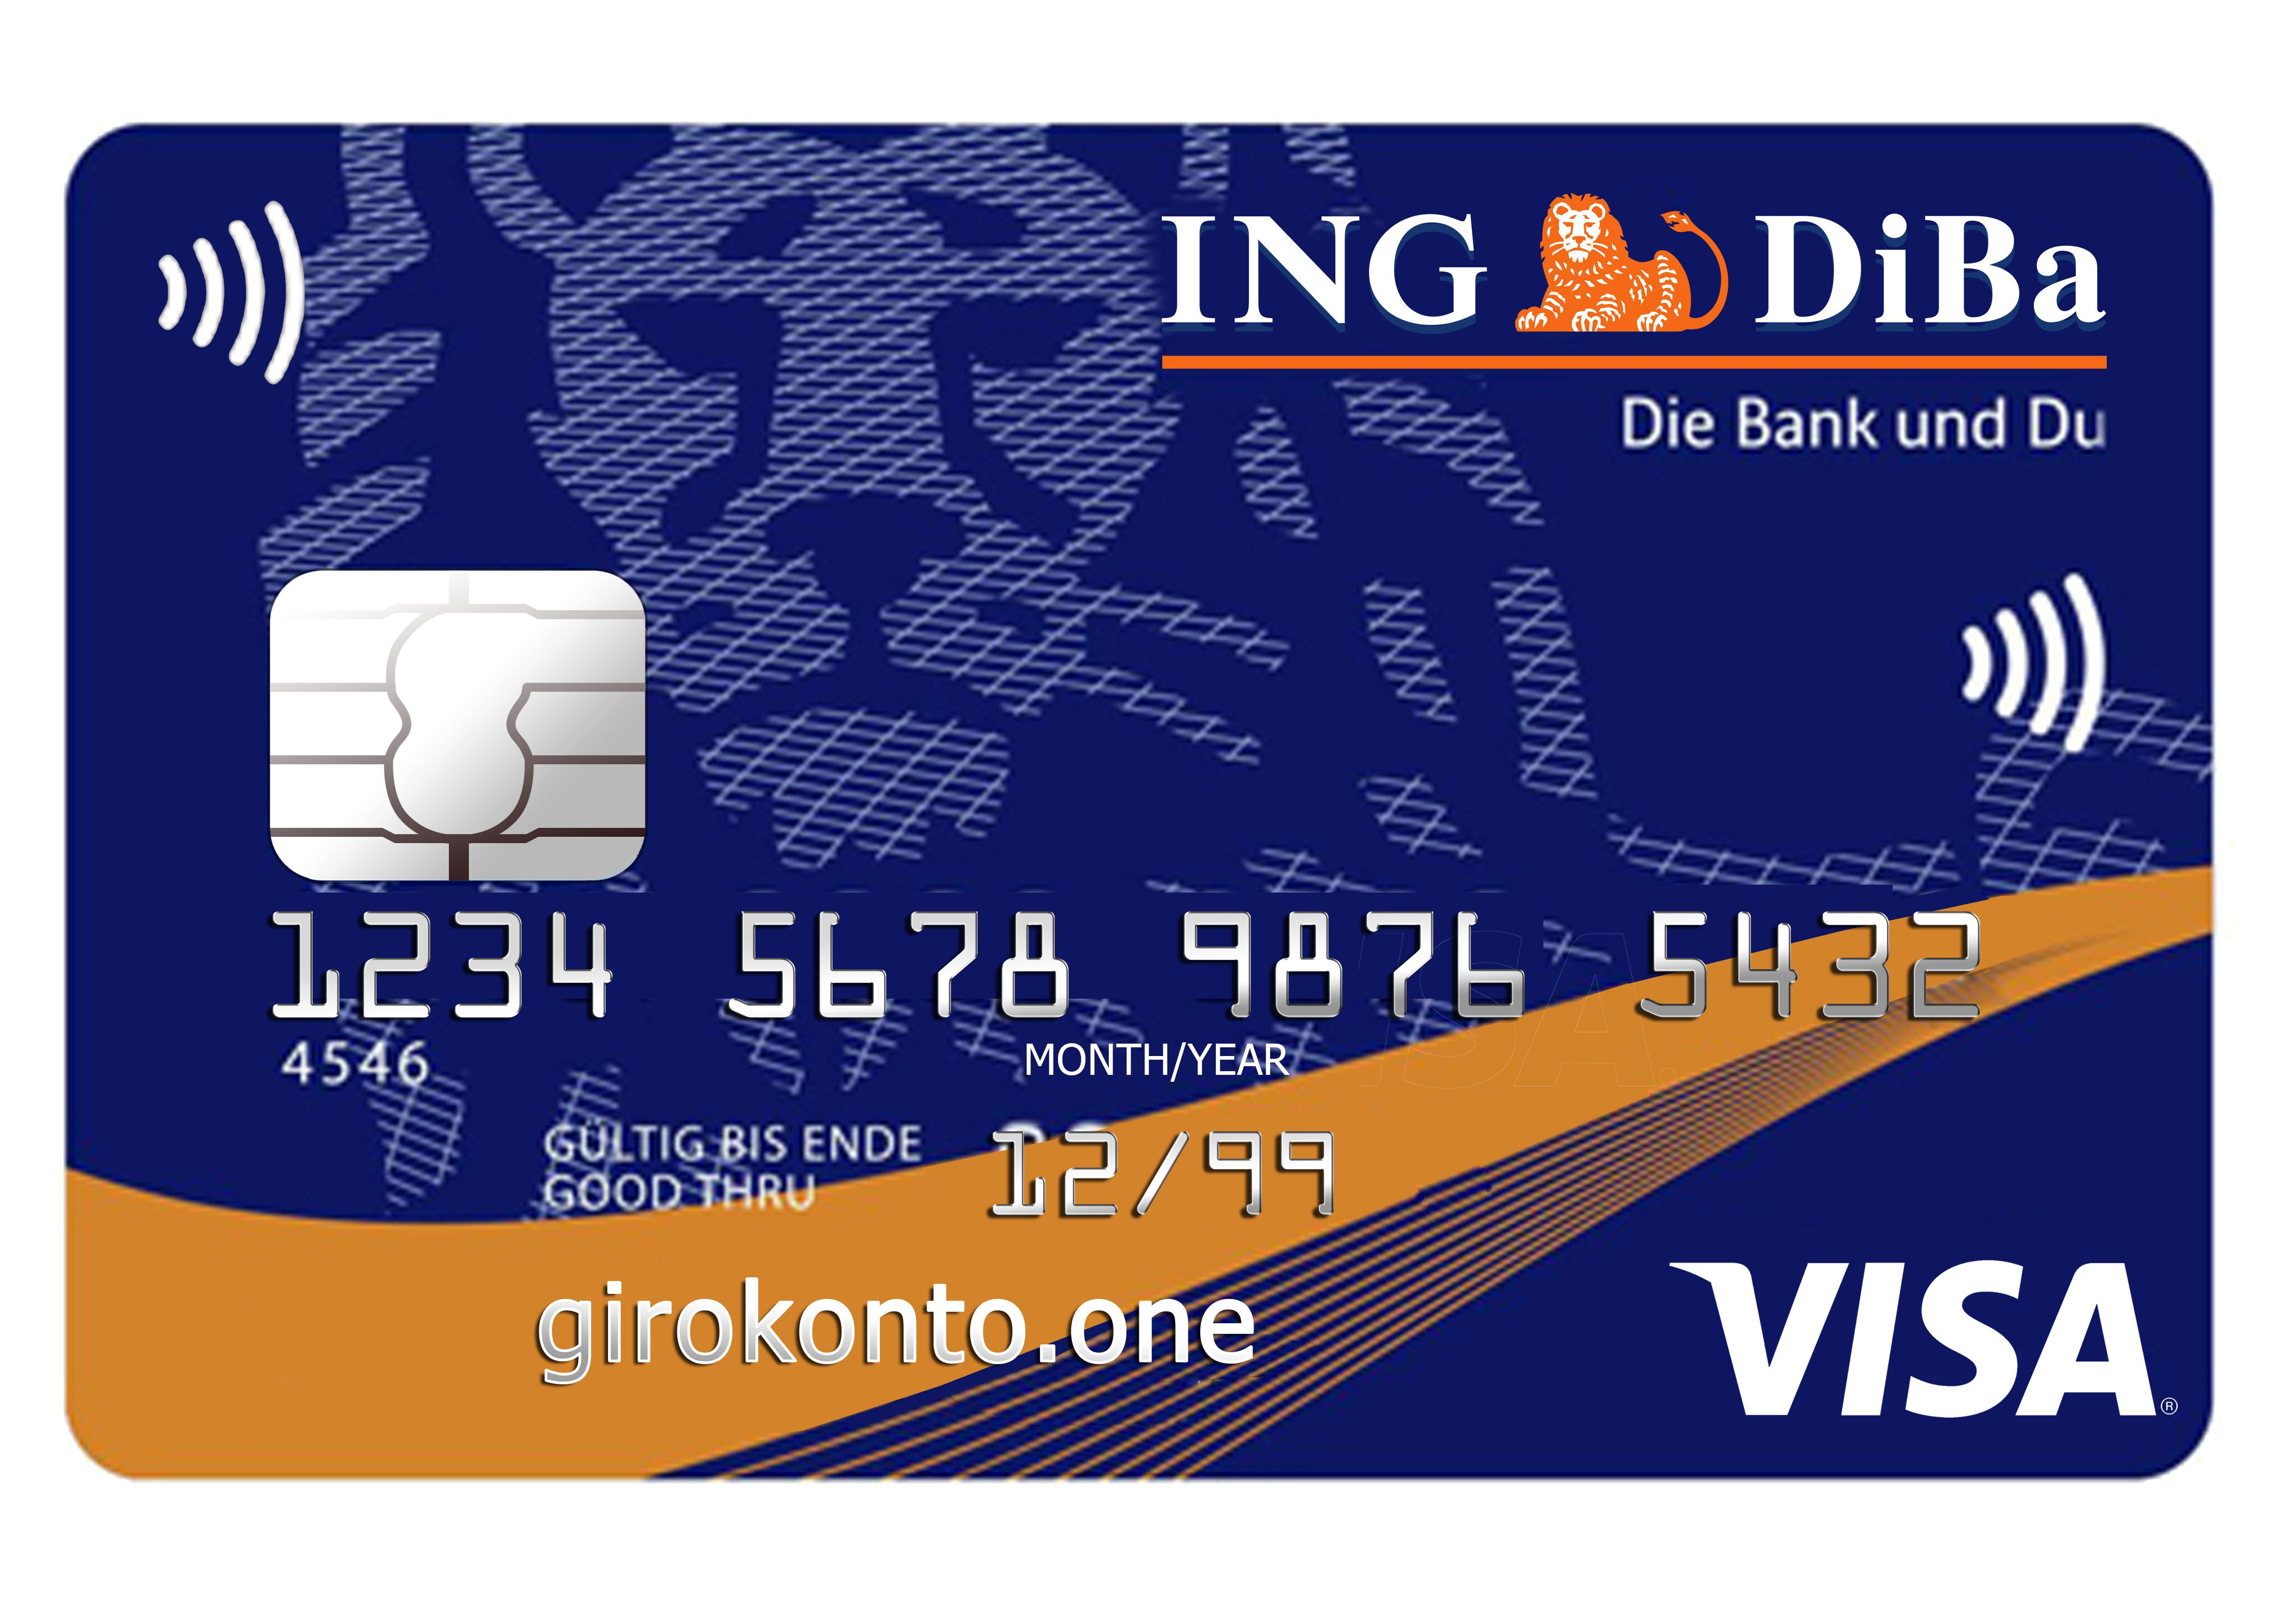 ing diba geldautomaten girocard